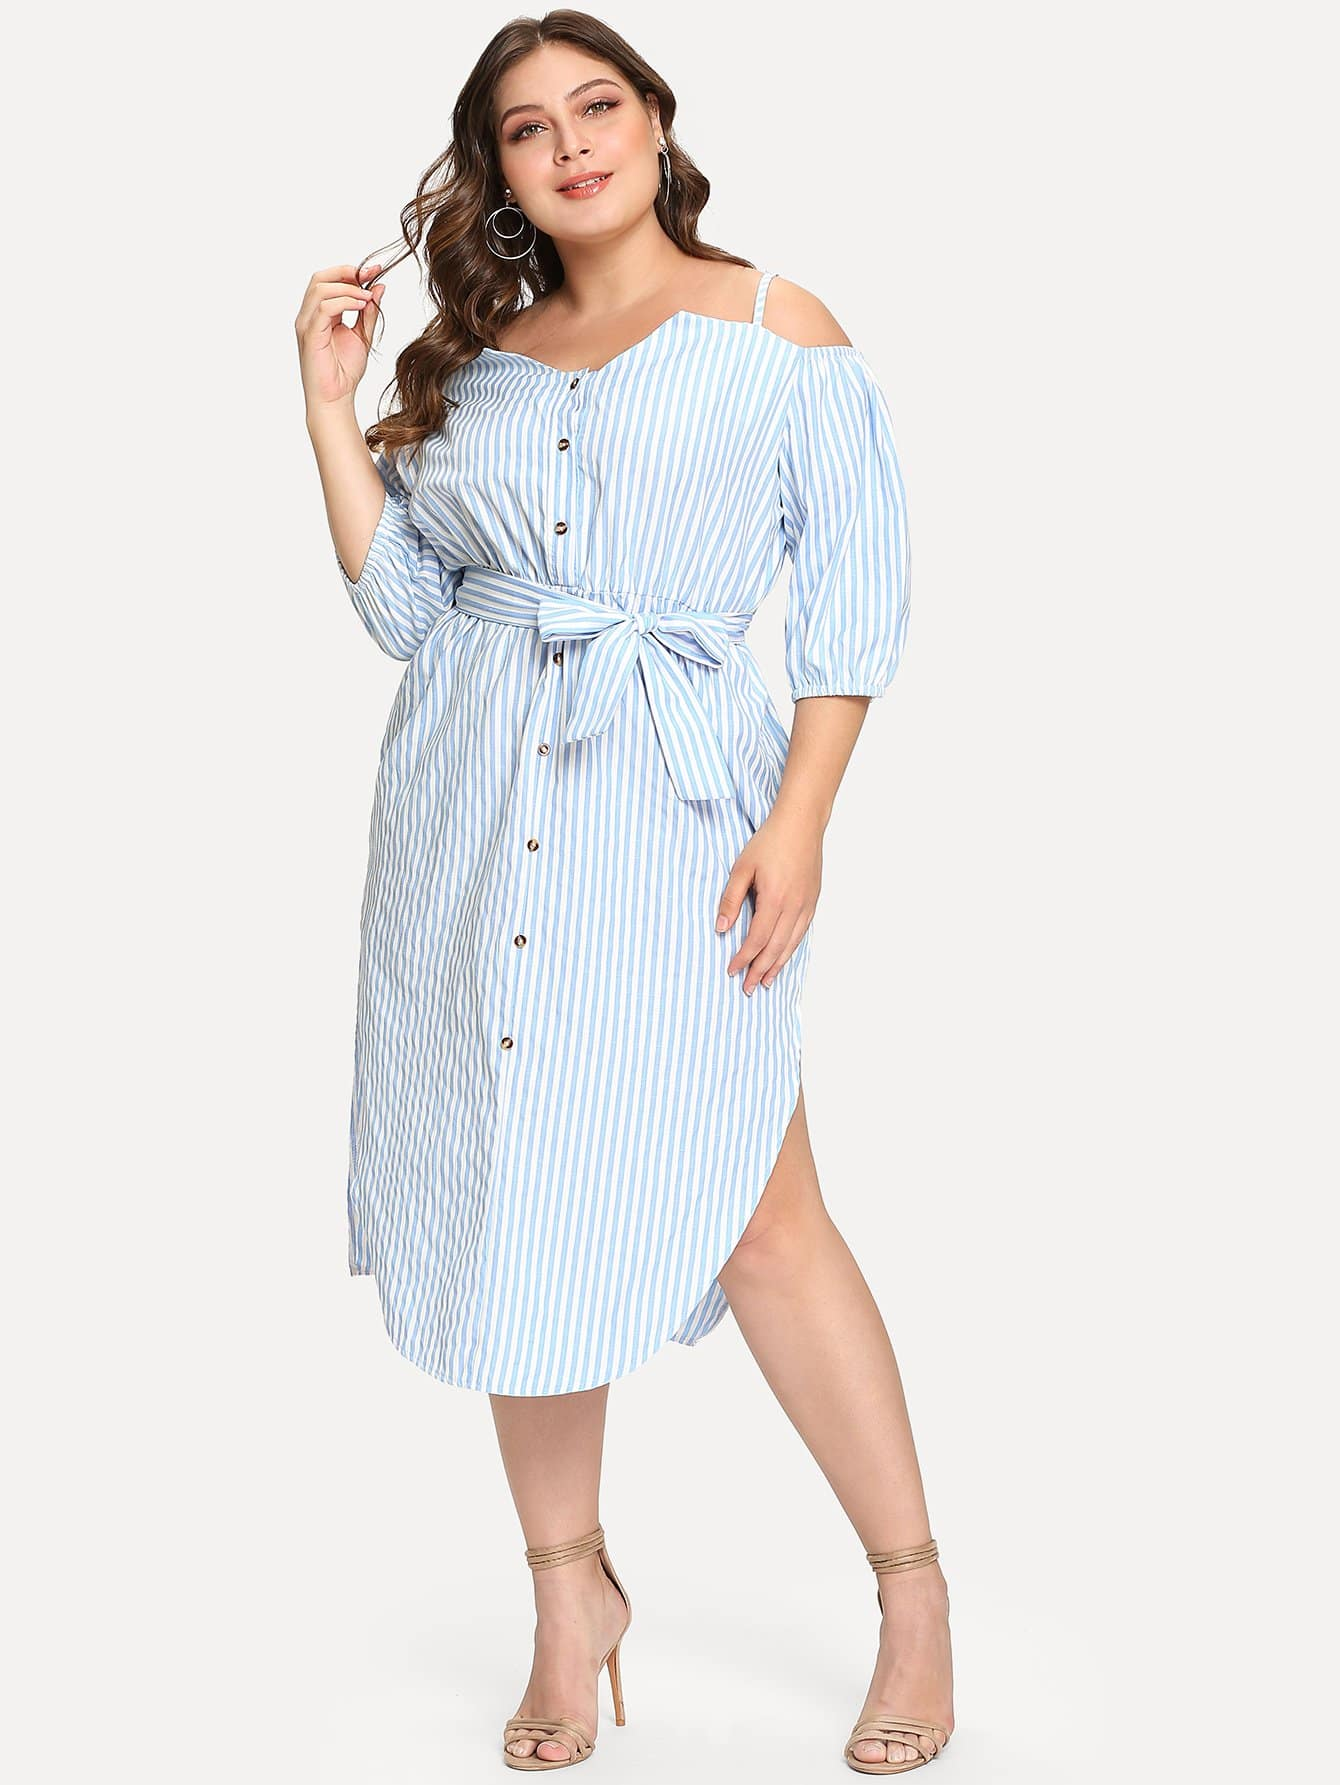 Купить Полосатое полосатое блузковое платье с поясом, Carol, SheIn